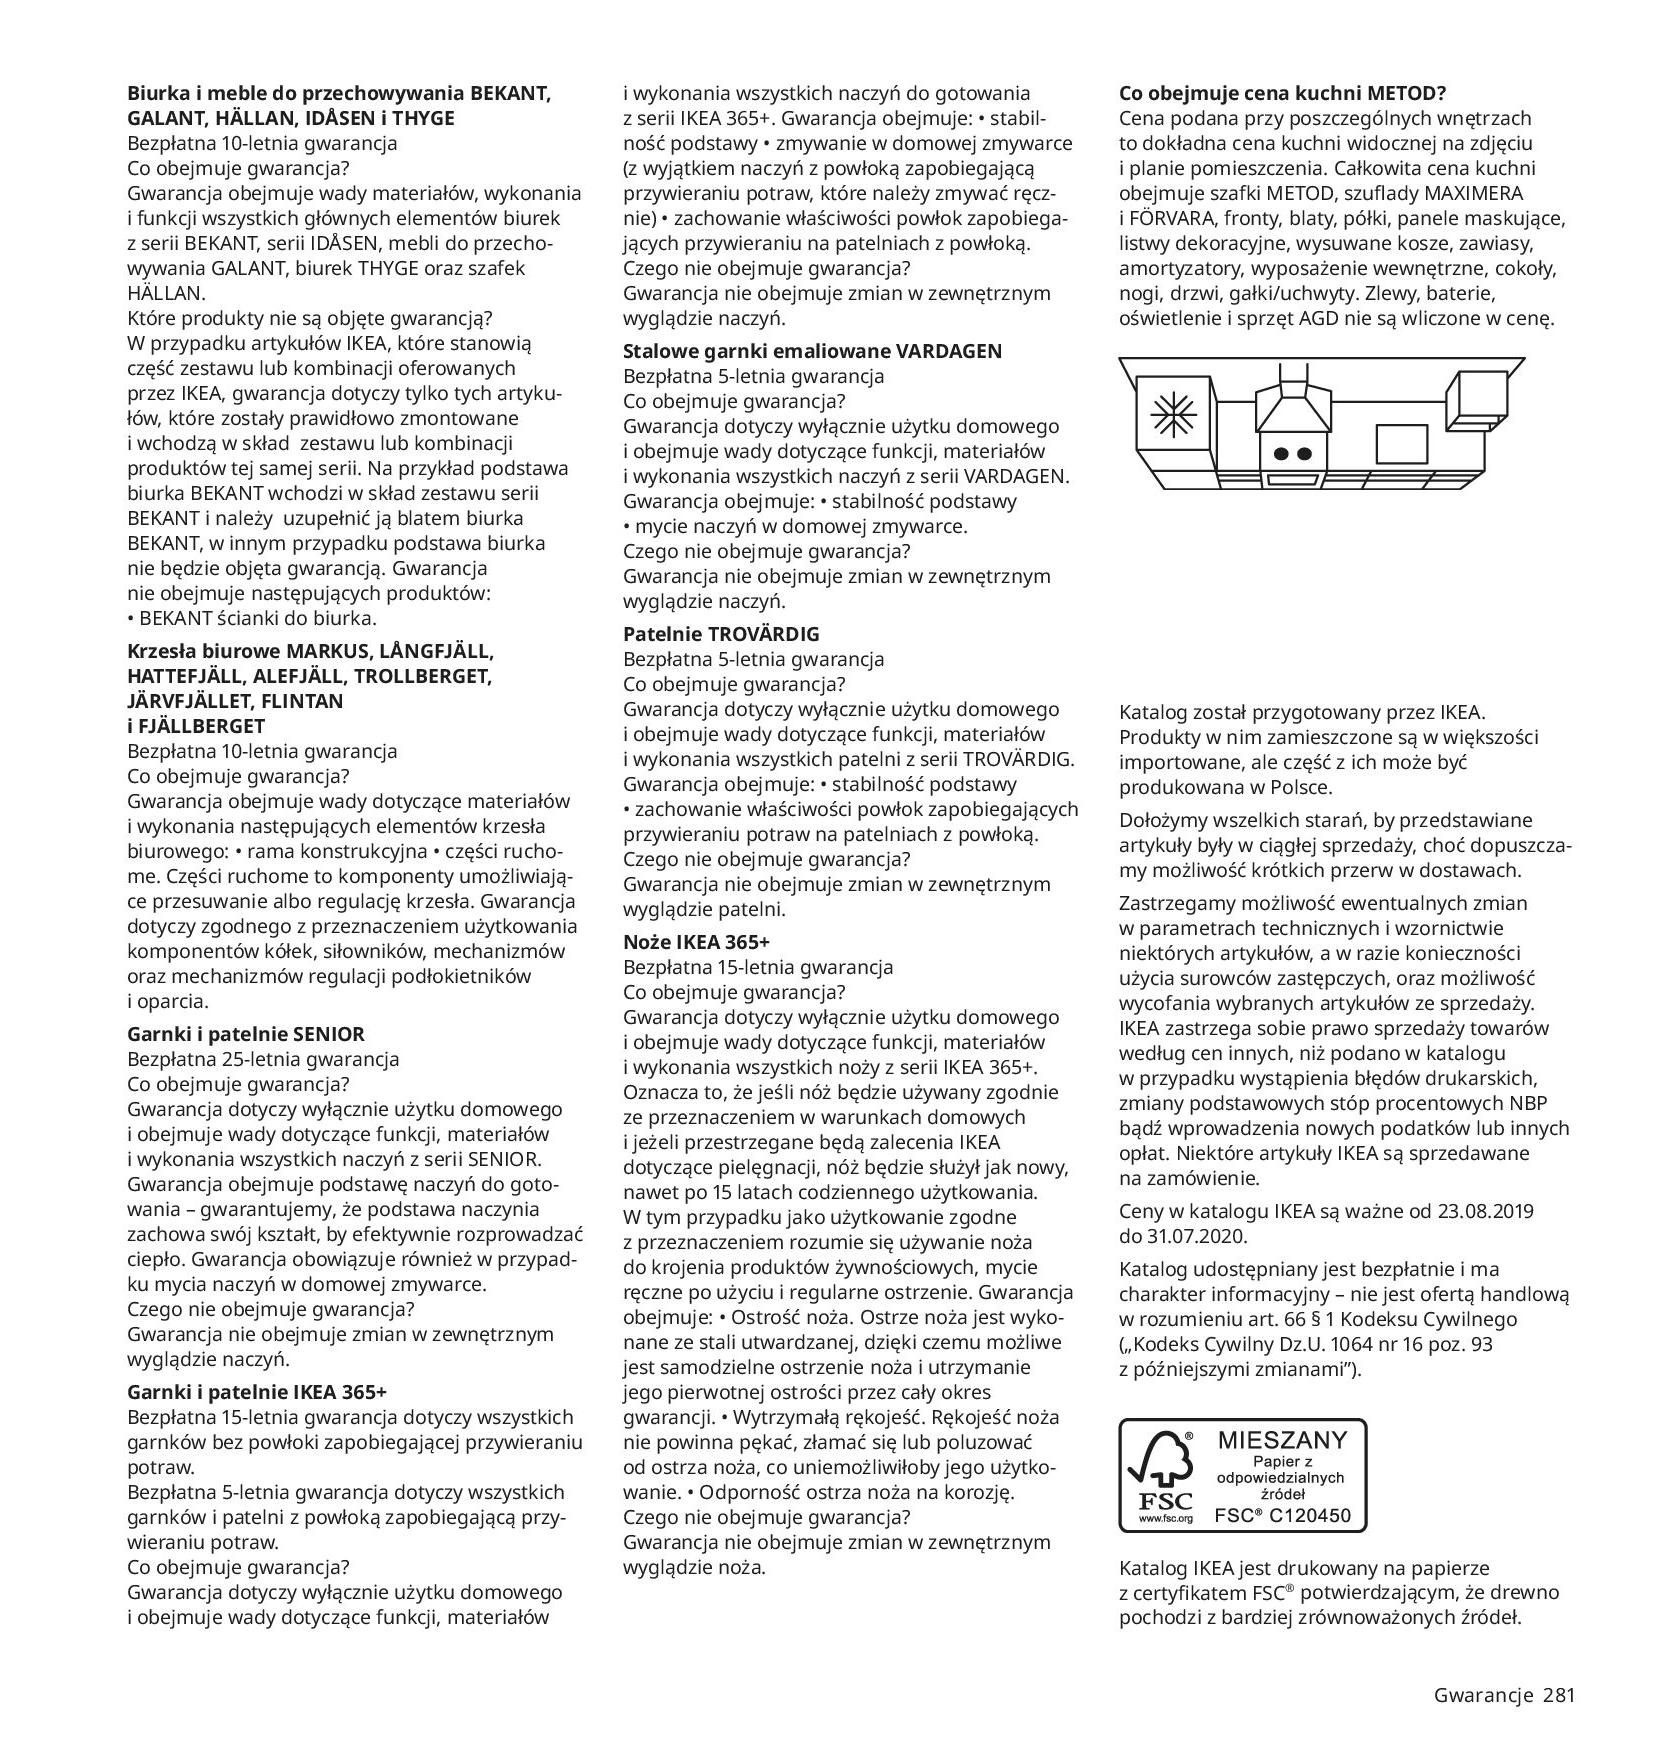 Gazetka IKEA - Katalog IKEA 2020-25.08.2019-31.07.2020-page-281